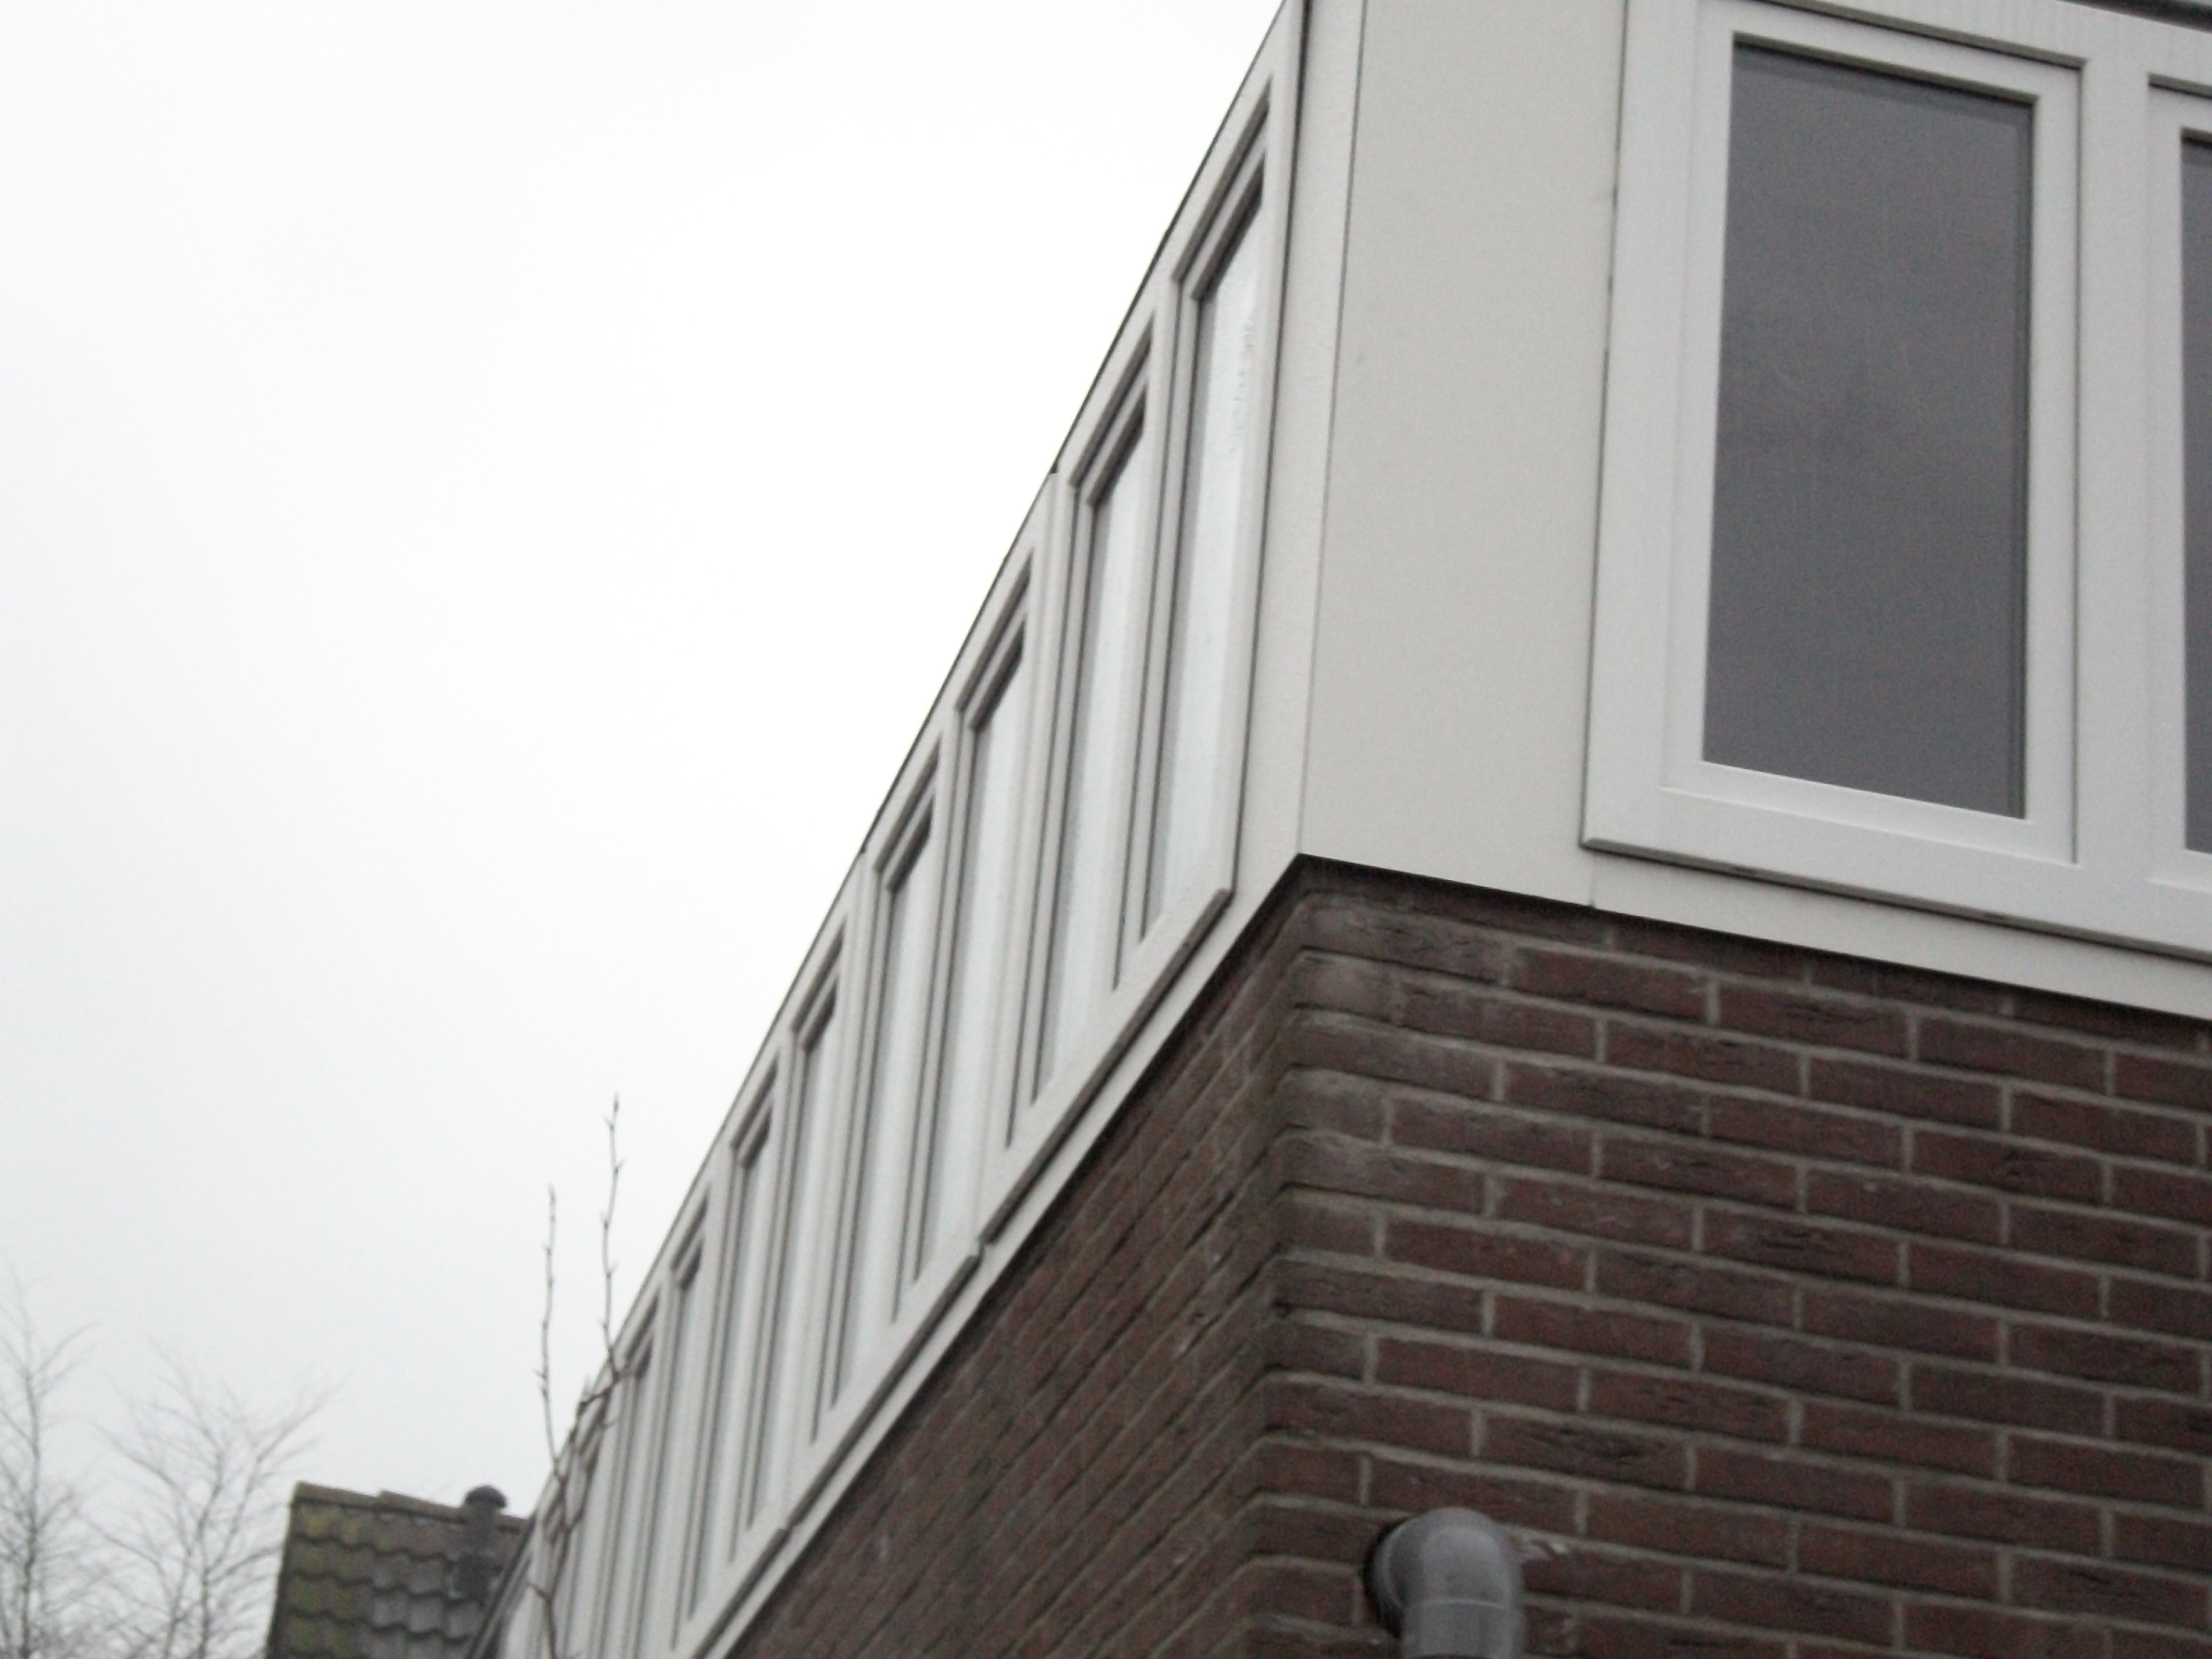 bouw en verbouw R&D bouw Lage Zwaluwe